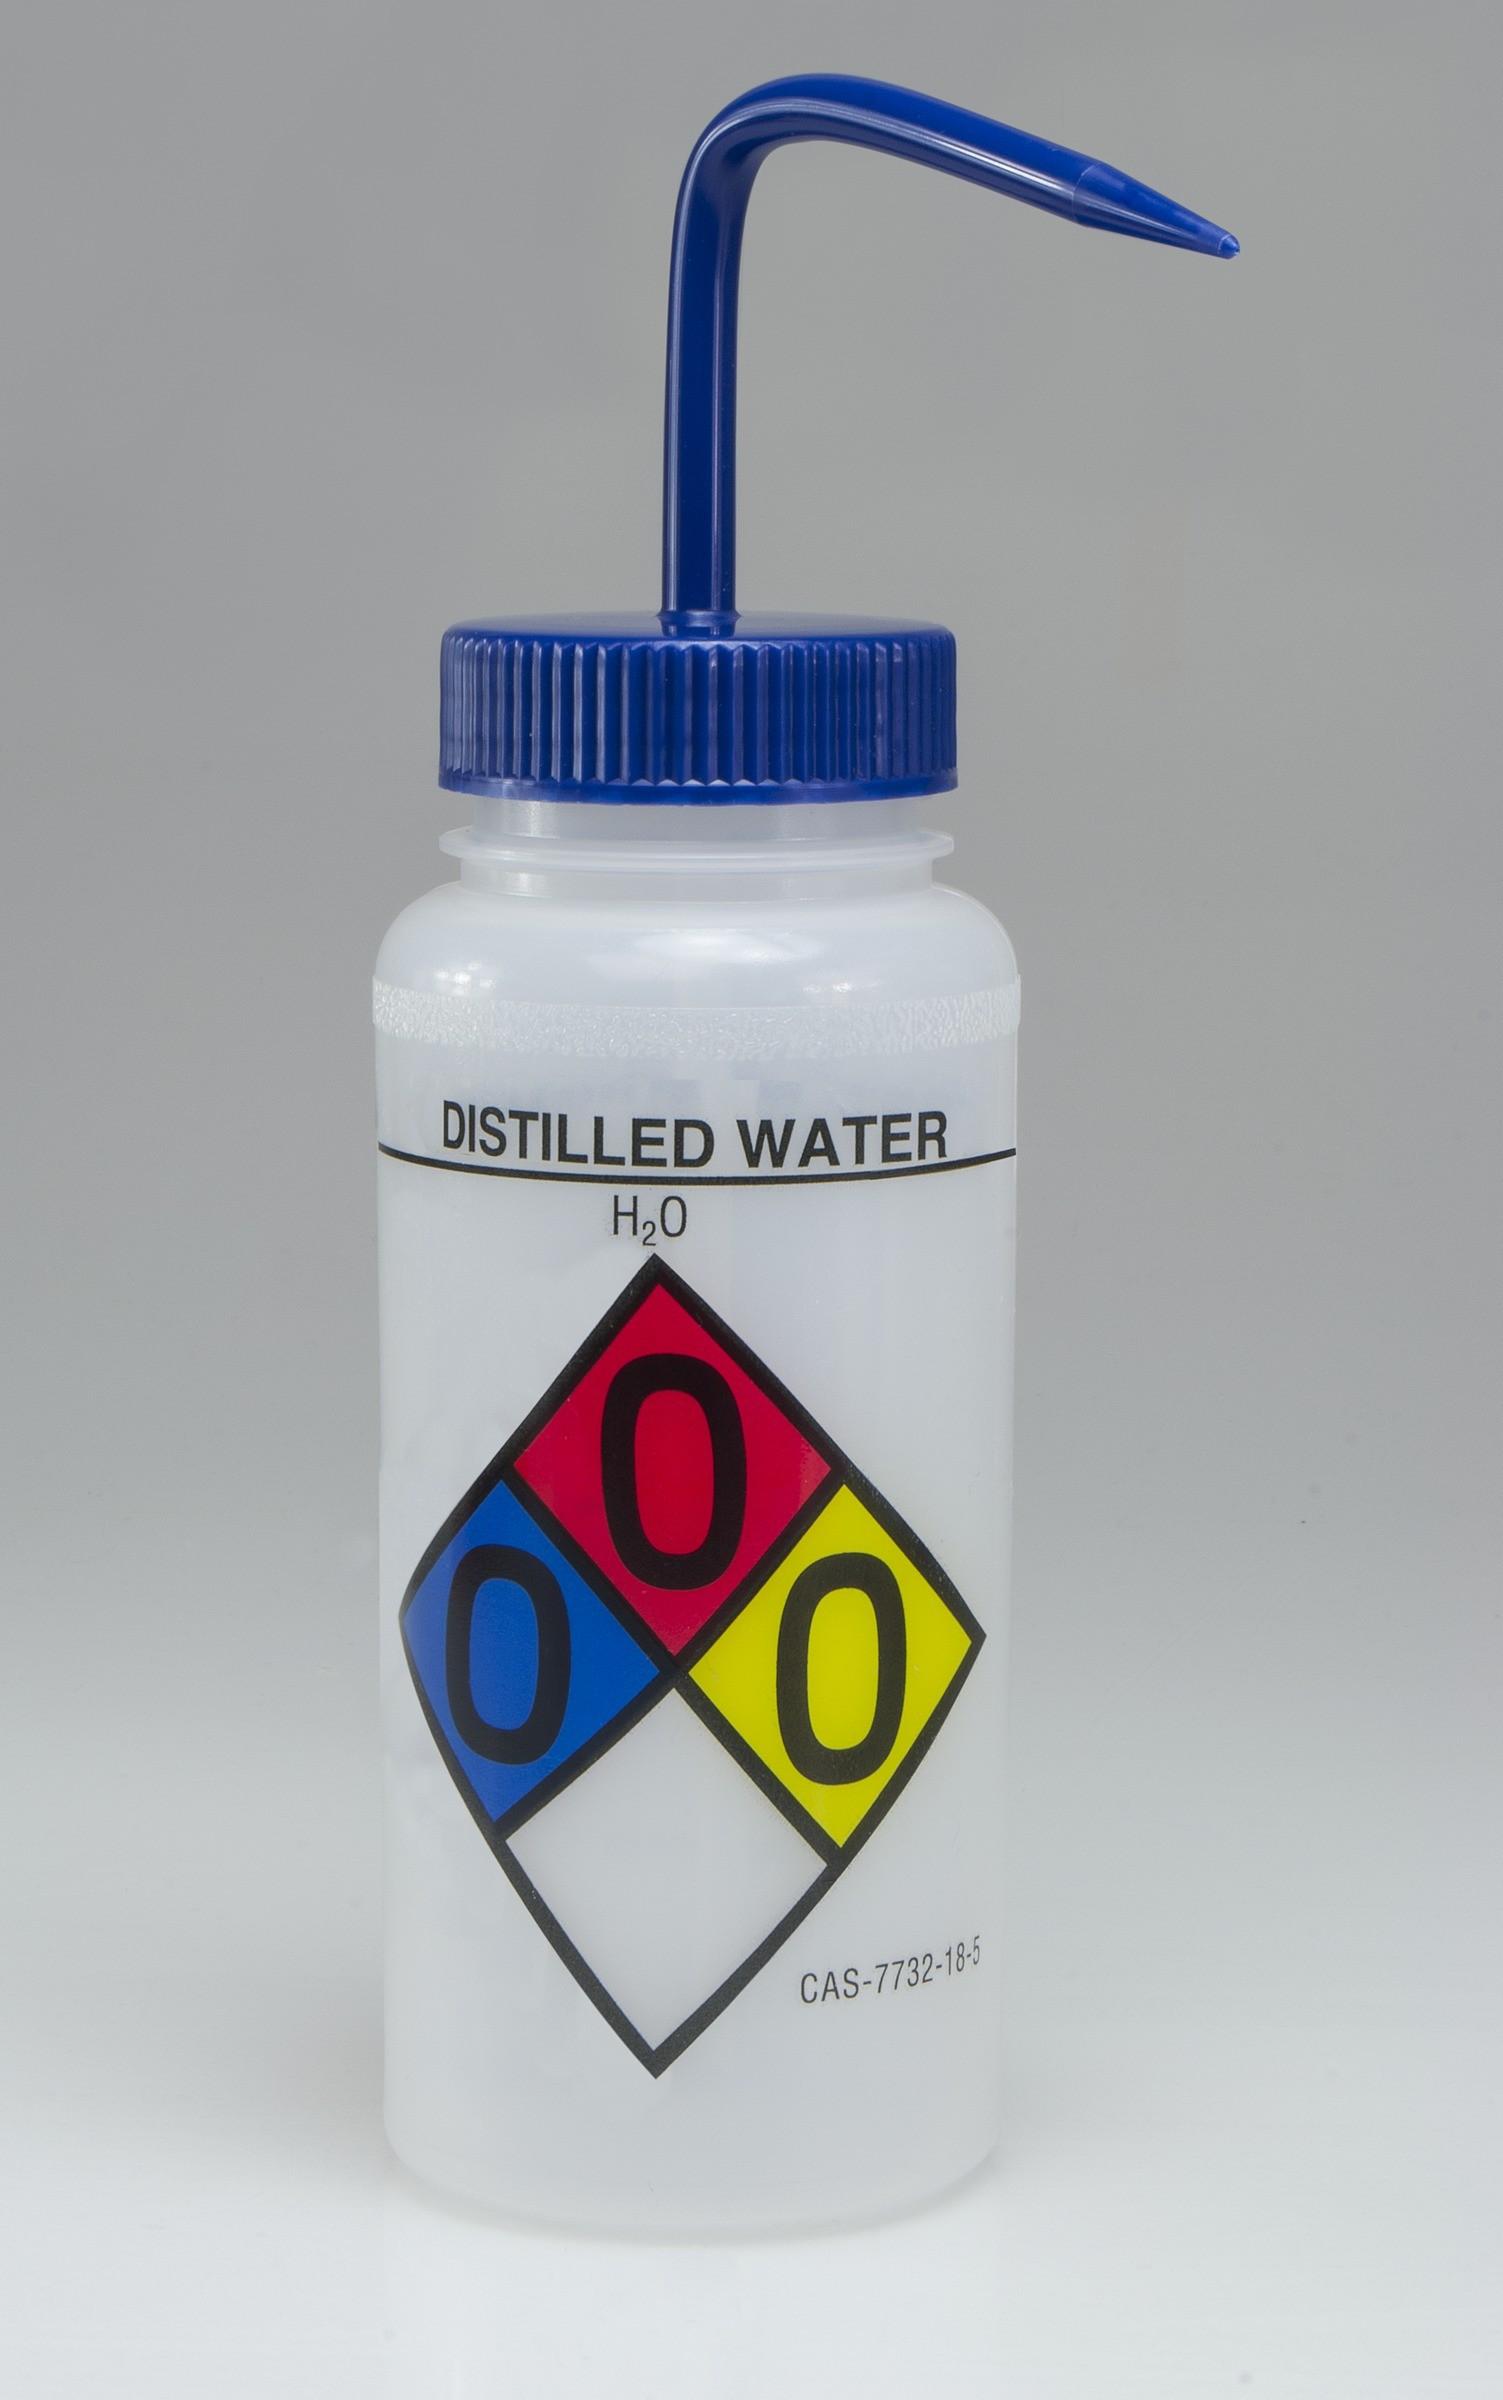 SP Bel-Art Safety-Labeled 4-Color Distilled Water Wide-Mouth Wash Bottles; 500ml (16oz), Polyethylene w/Blue Polypropylene Cap (Pack of 4)